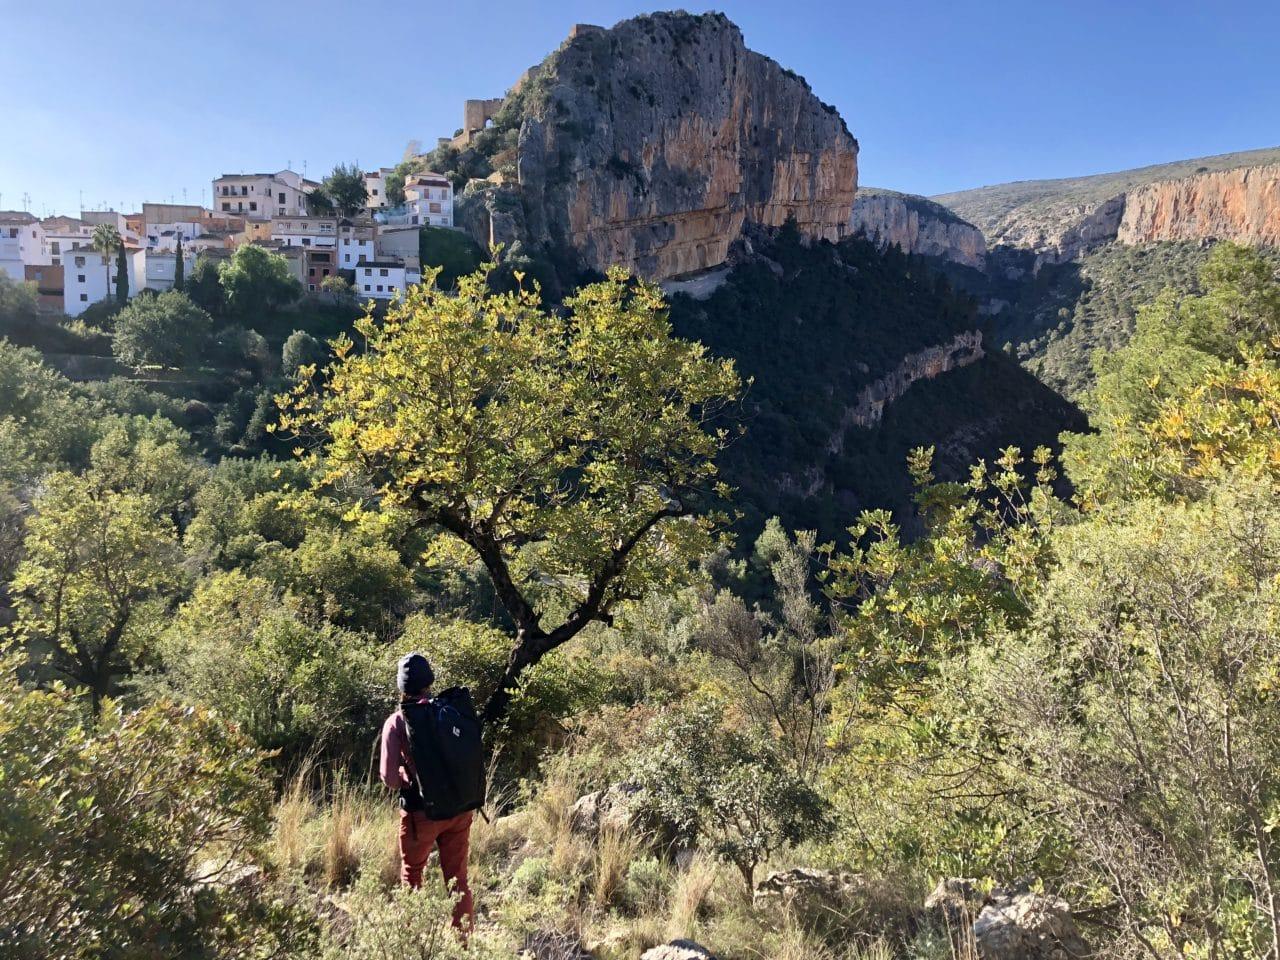 Escalade en Espagne à Siurana, Margalef et Chulilla avec Emilie et Yann Nussbaumer de chez Helyum